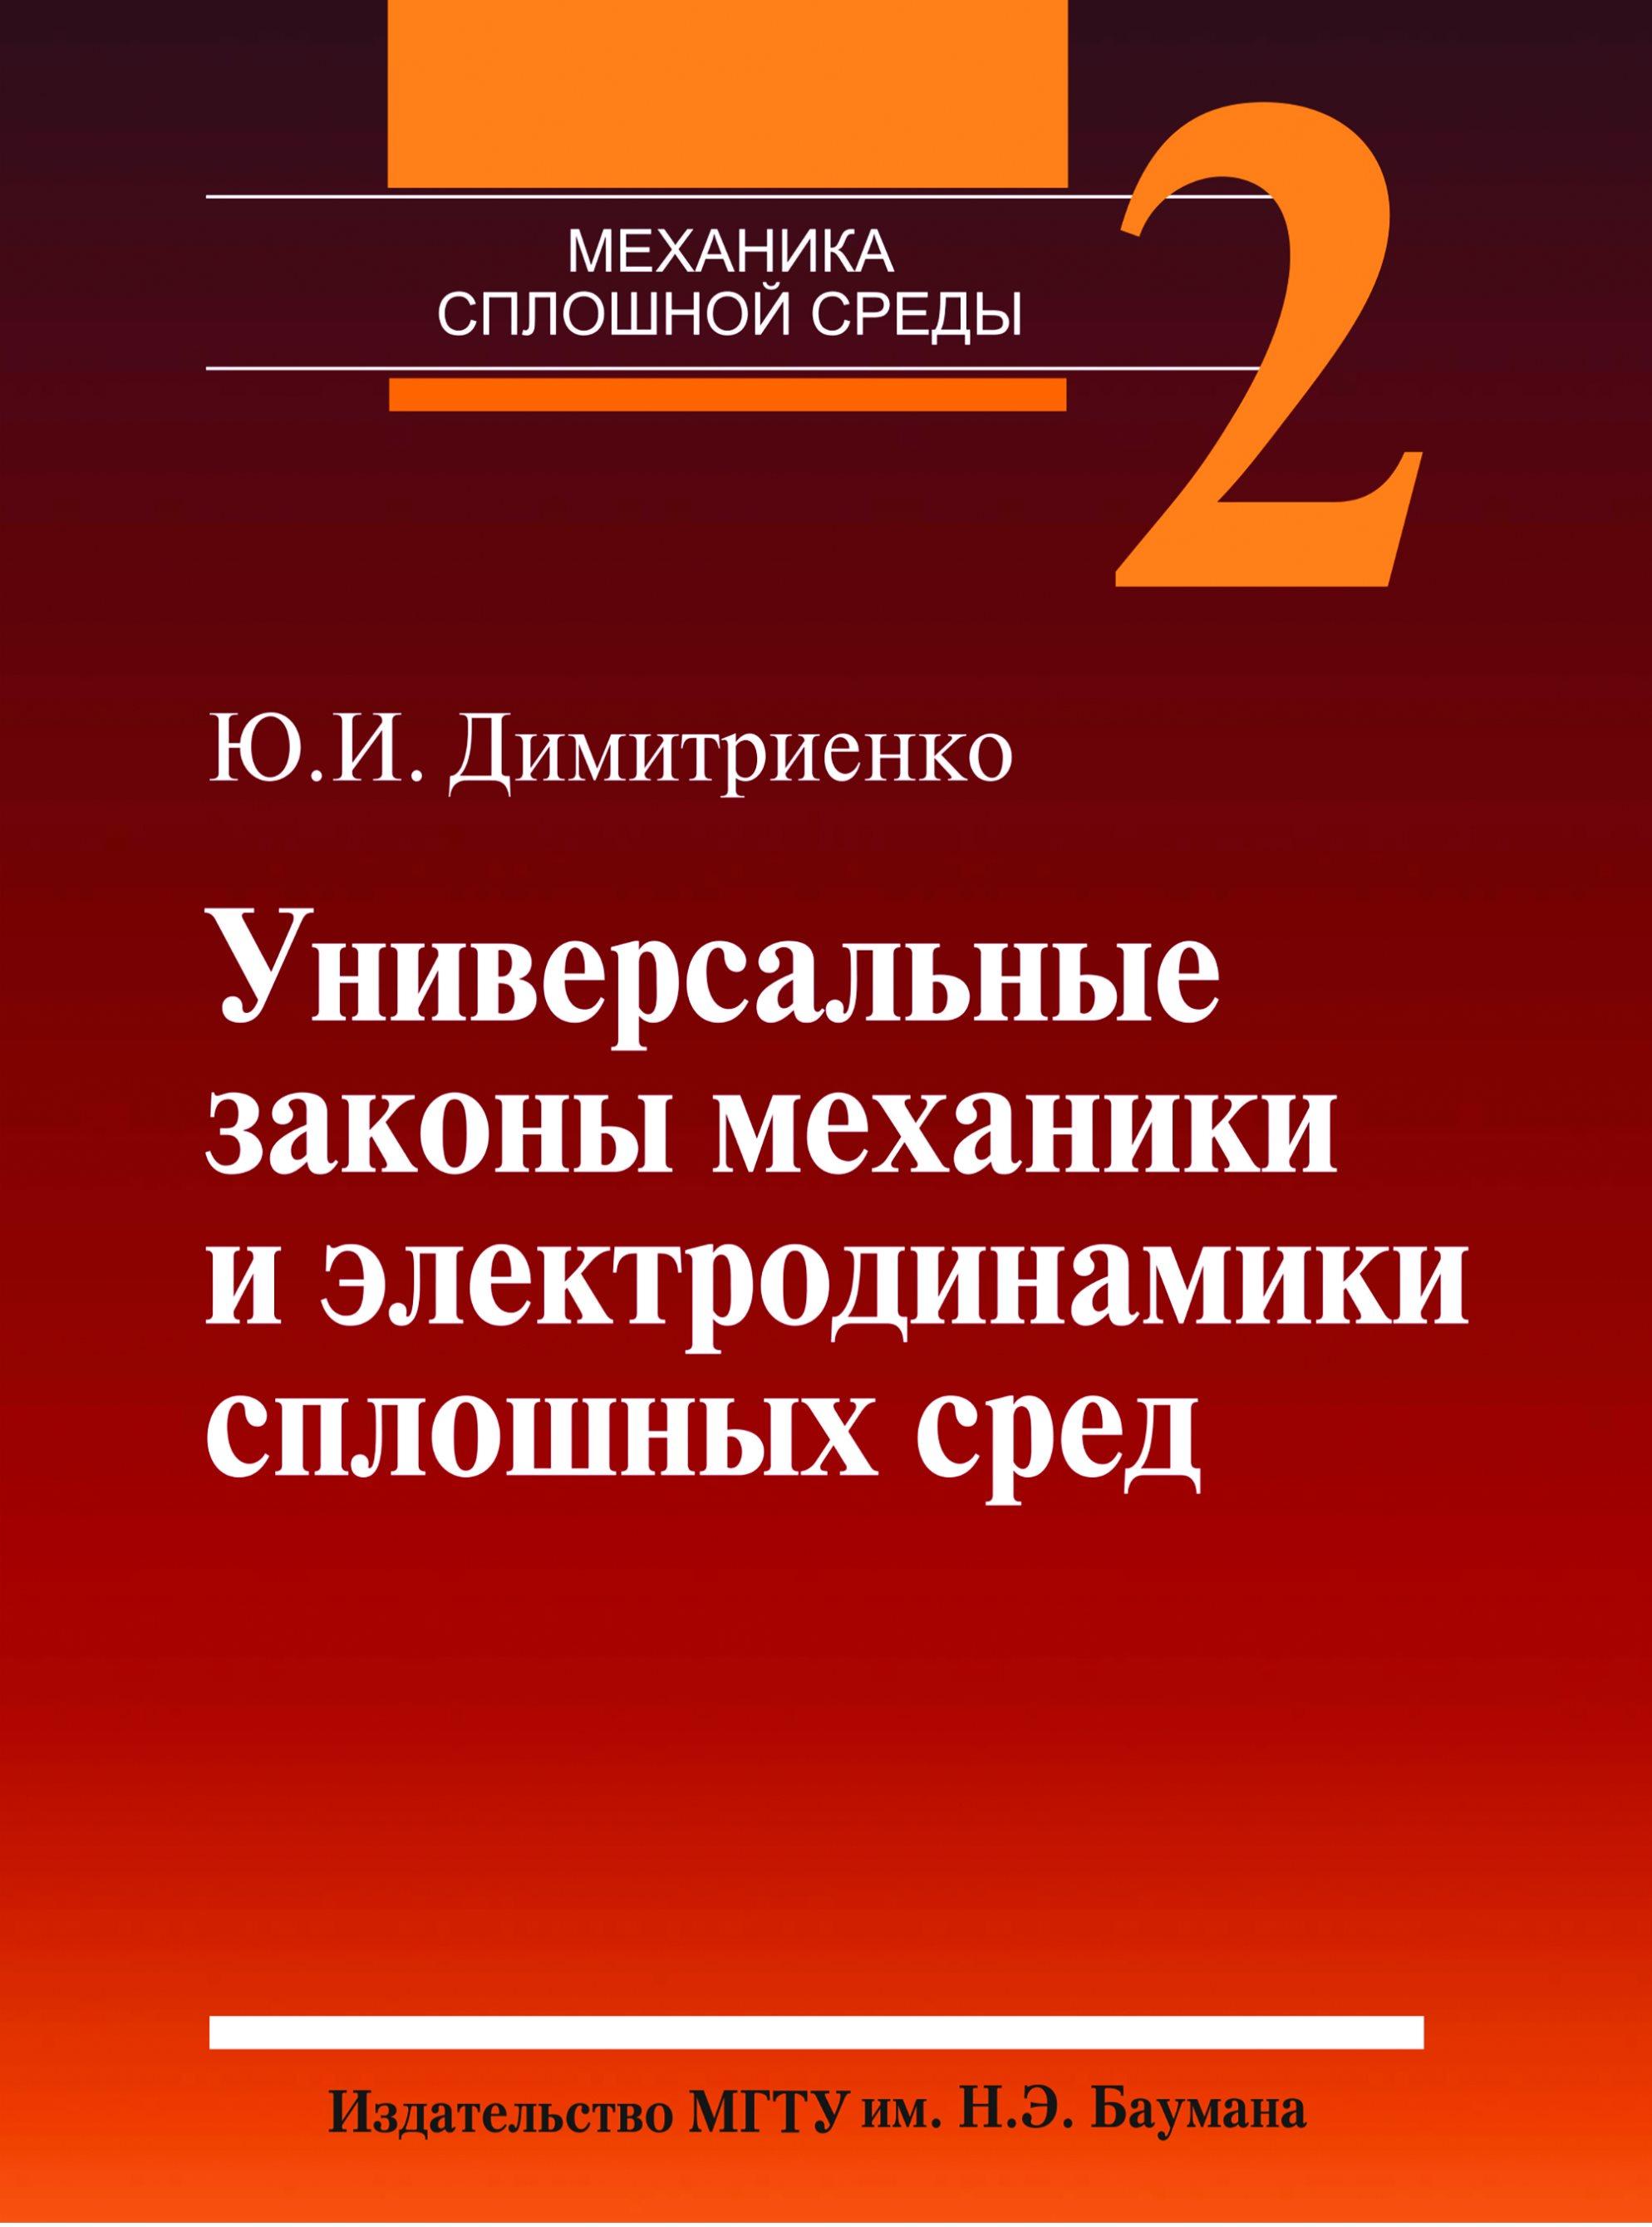 Юрий Дмитриенко Универсальные законы механики и электродинамики сплошных сред. Том 2 бурмистров с основы электродинамики сплошных сред